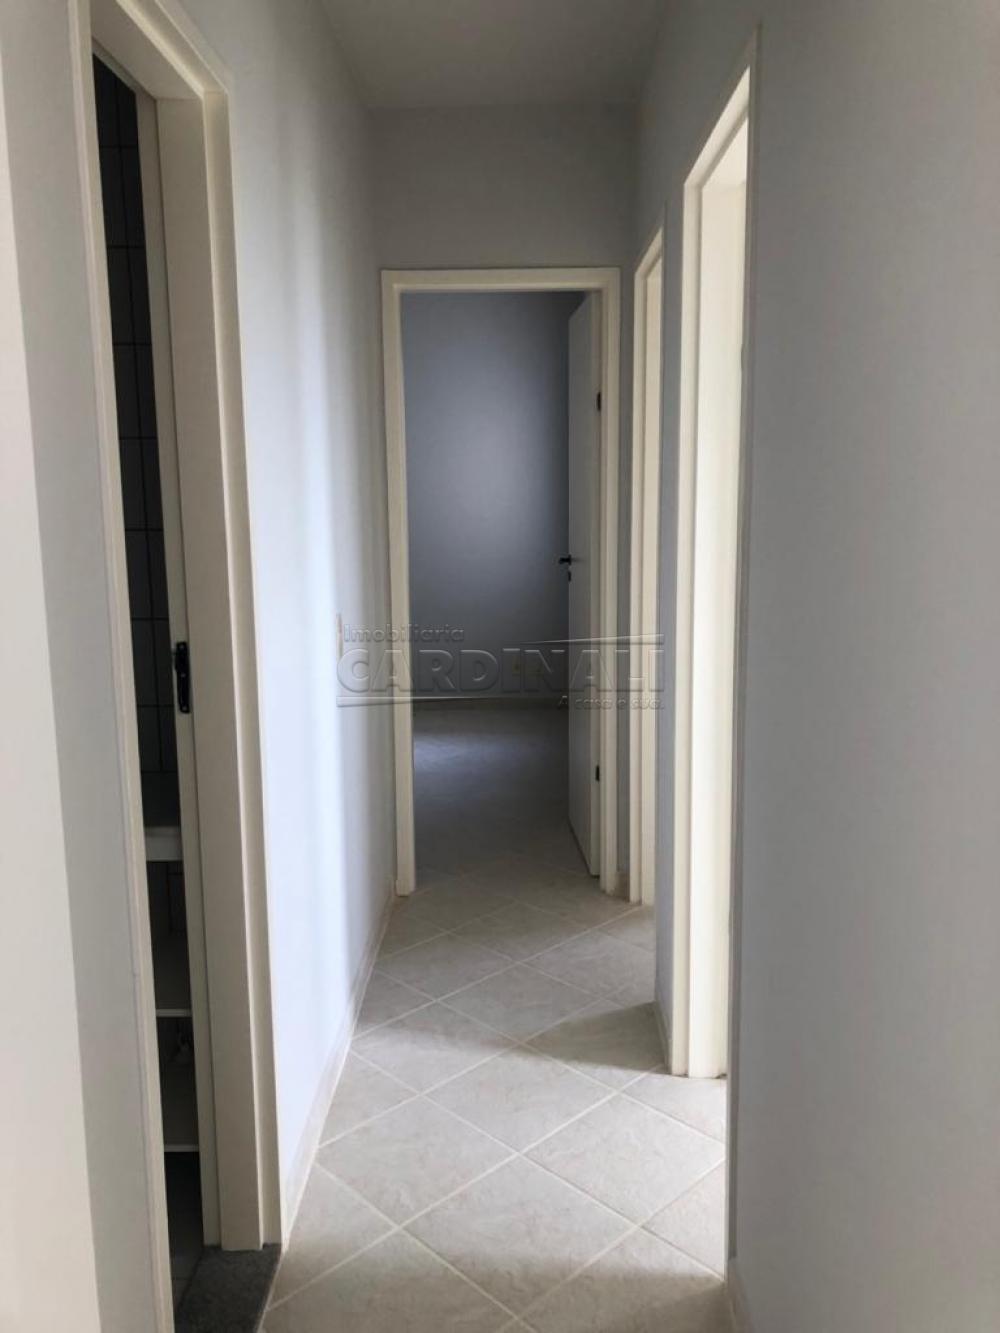 Alugar Apartamento / Padrão em São Carlos R$ 1.334,00 - Foto 12